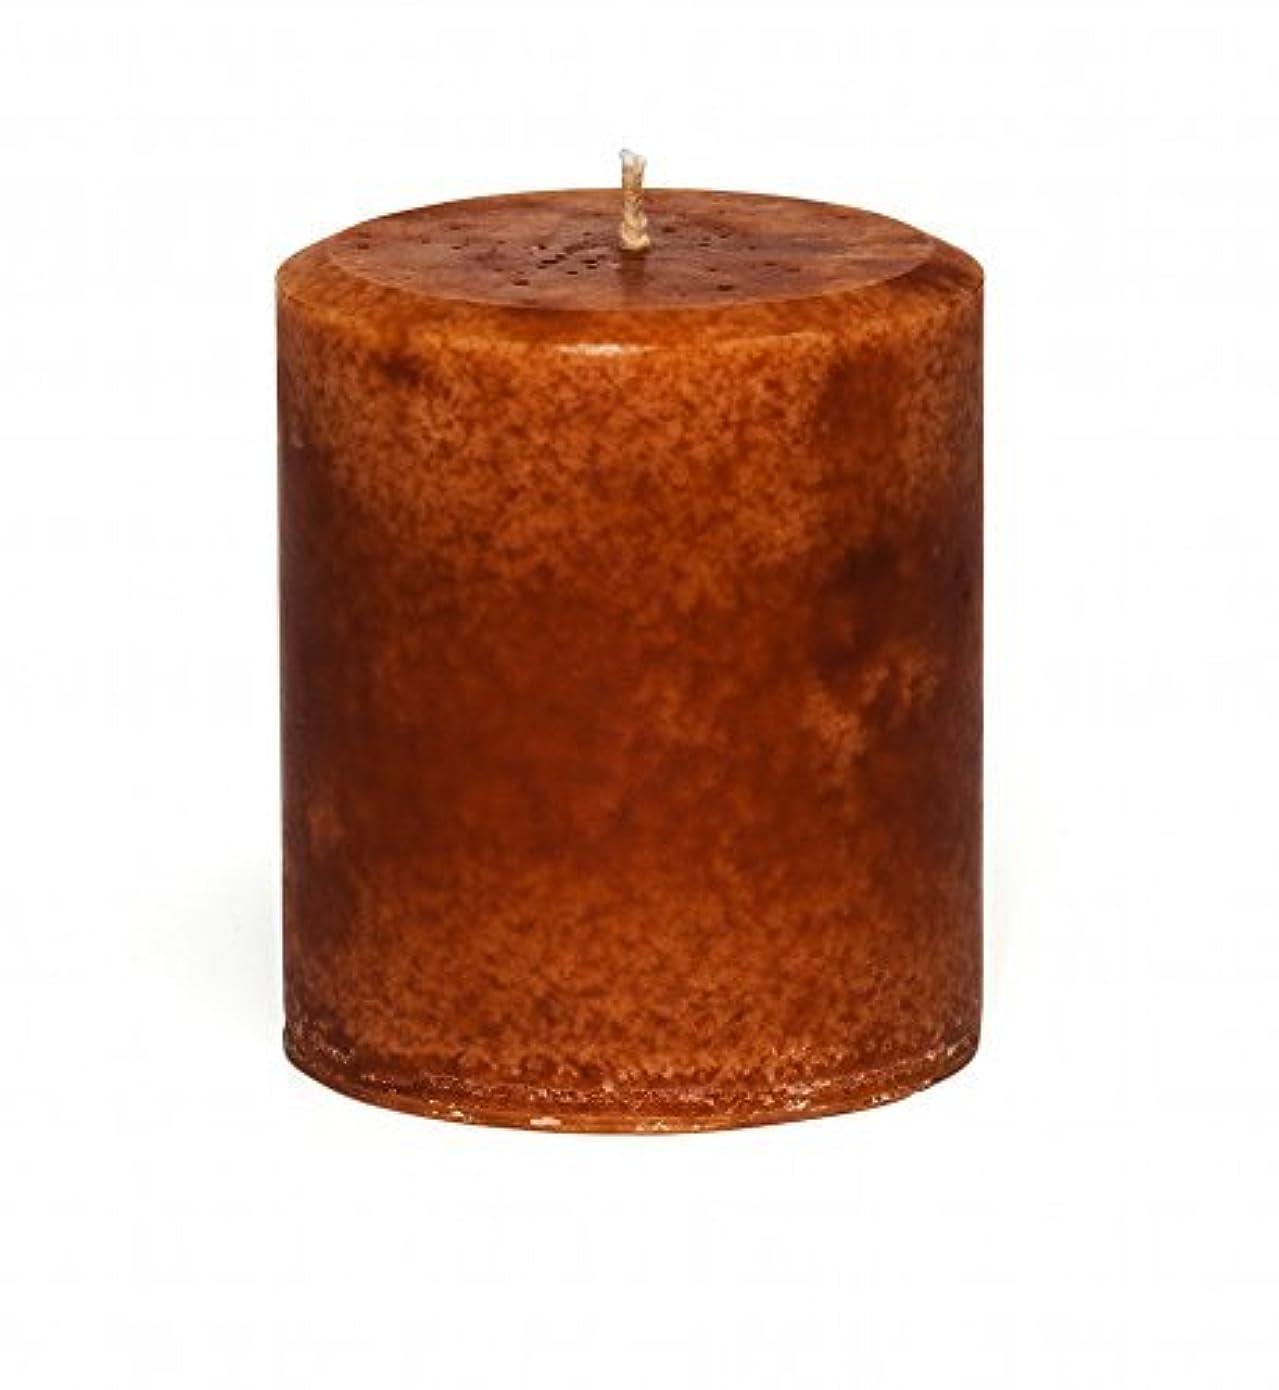 砂漠アパル低いJensanシナモンオレンジ香りつき装飾Pillar Candle、ハンドメイド – 装飾 – 強力な香り